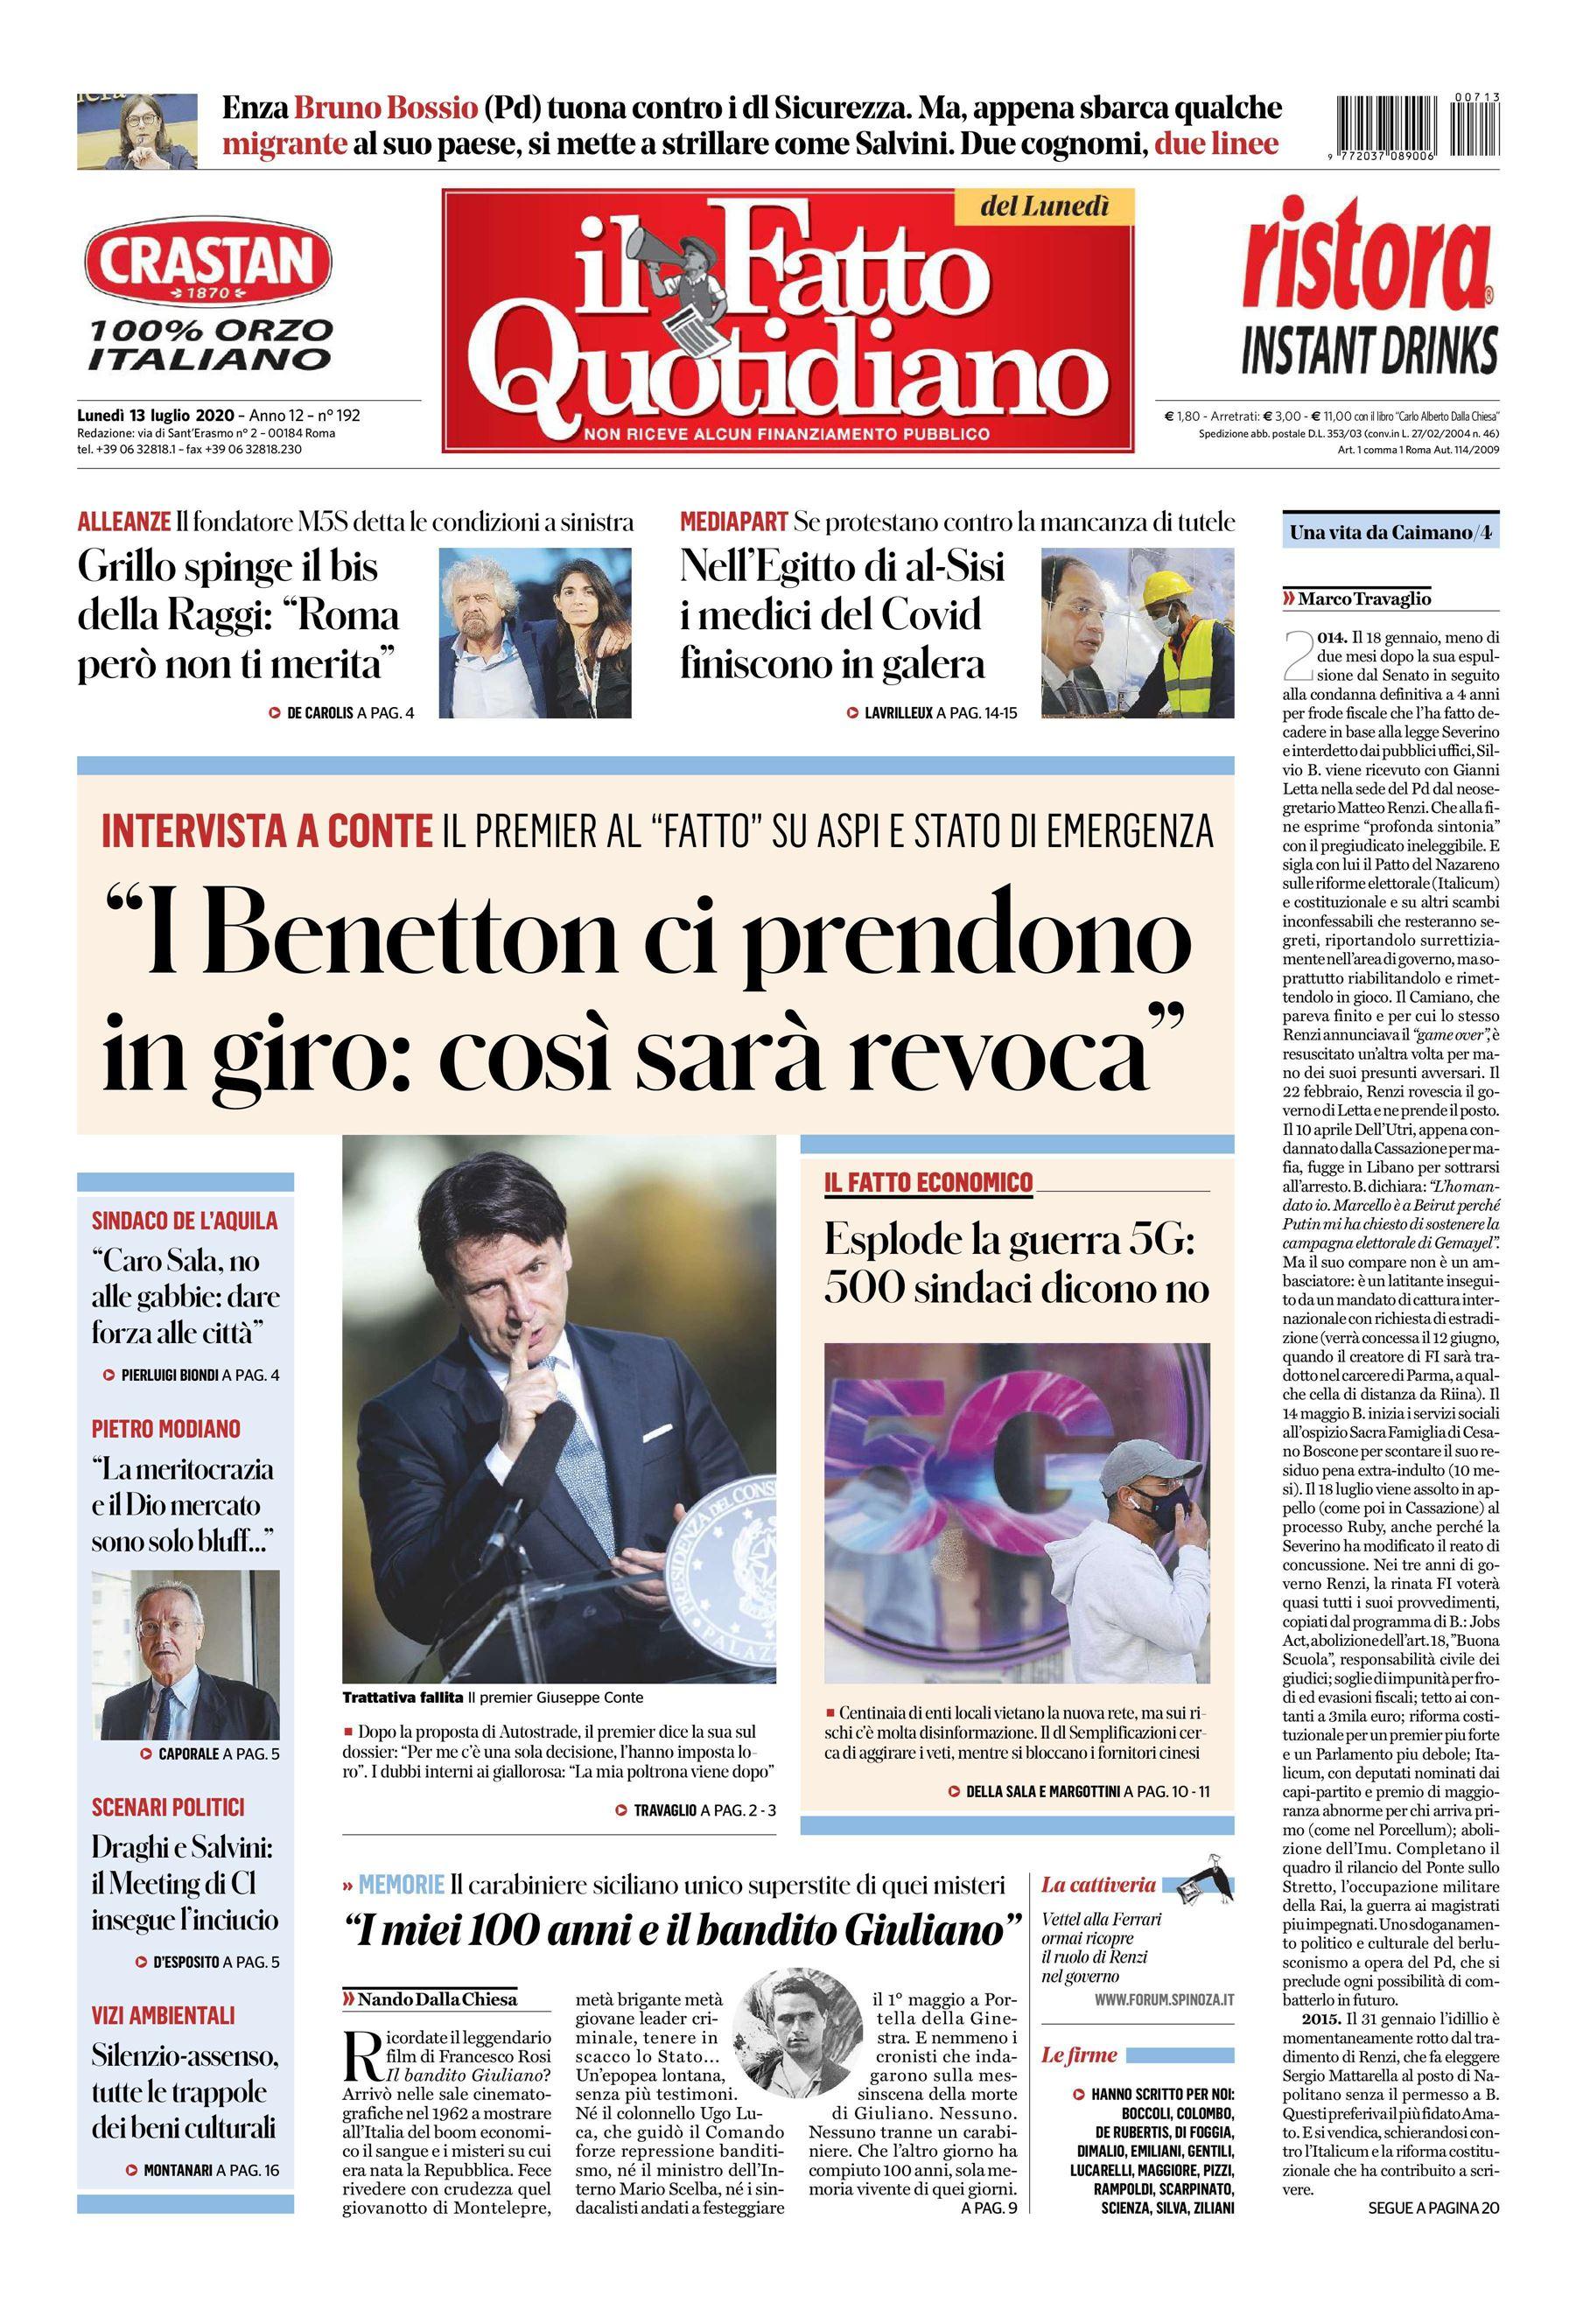 Notizie di oggi: la prima pagina del Fatto Quotidiano di ogg